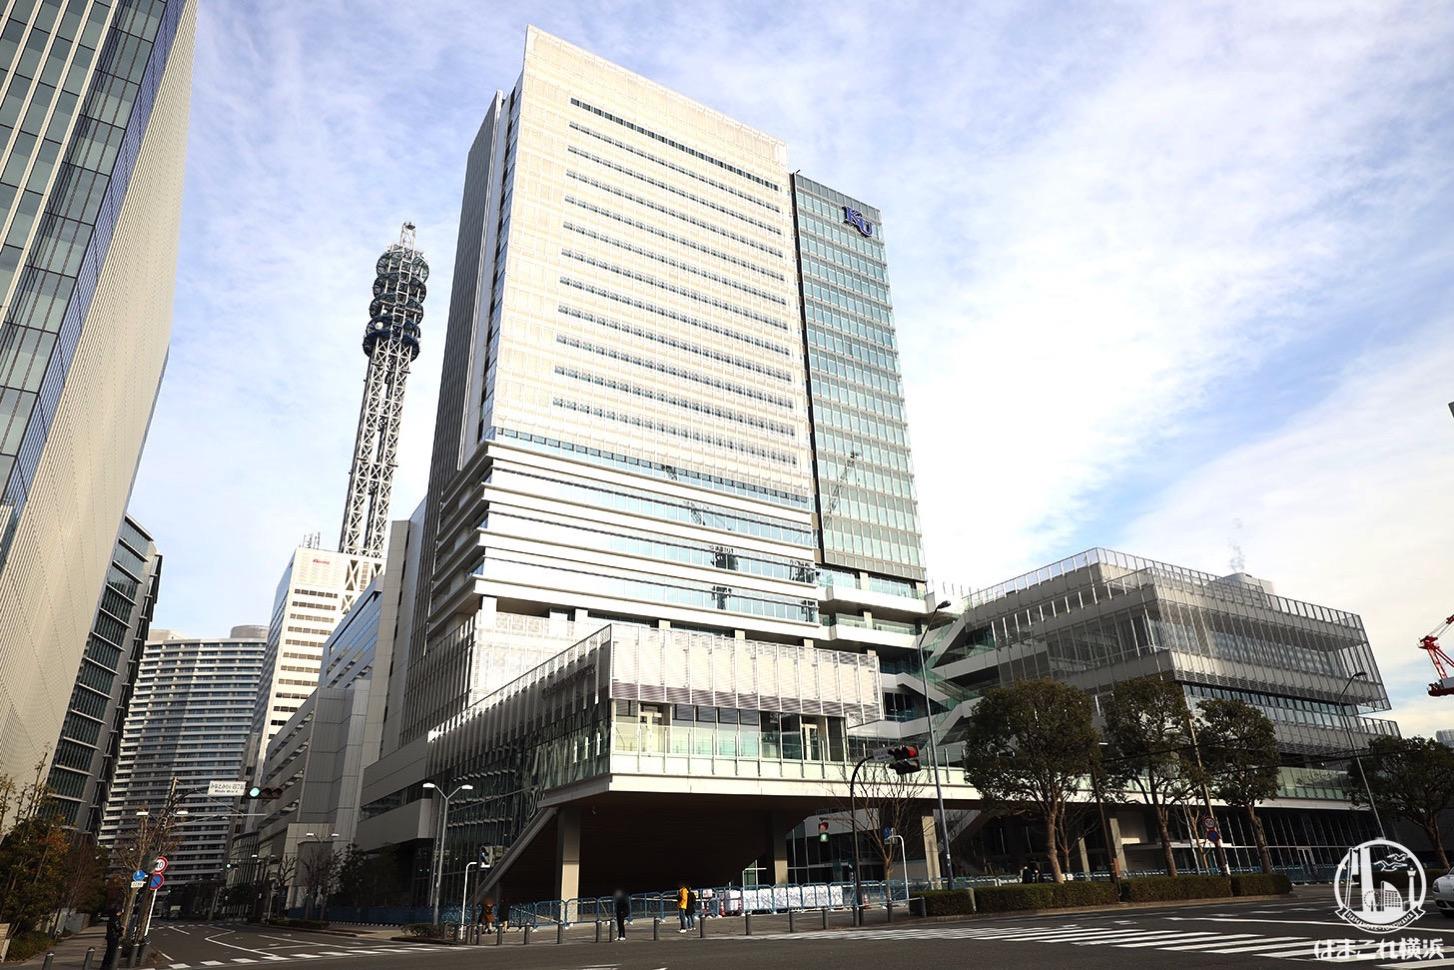 大学 みなとみらい 神奈川